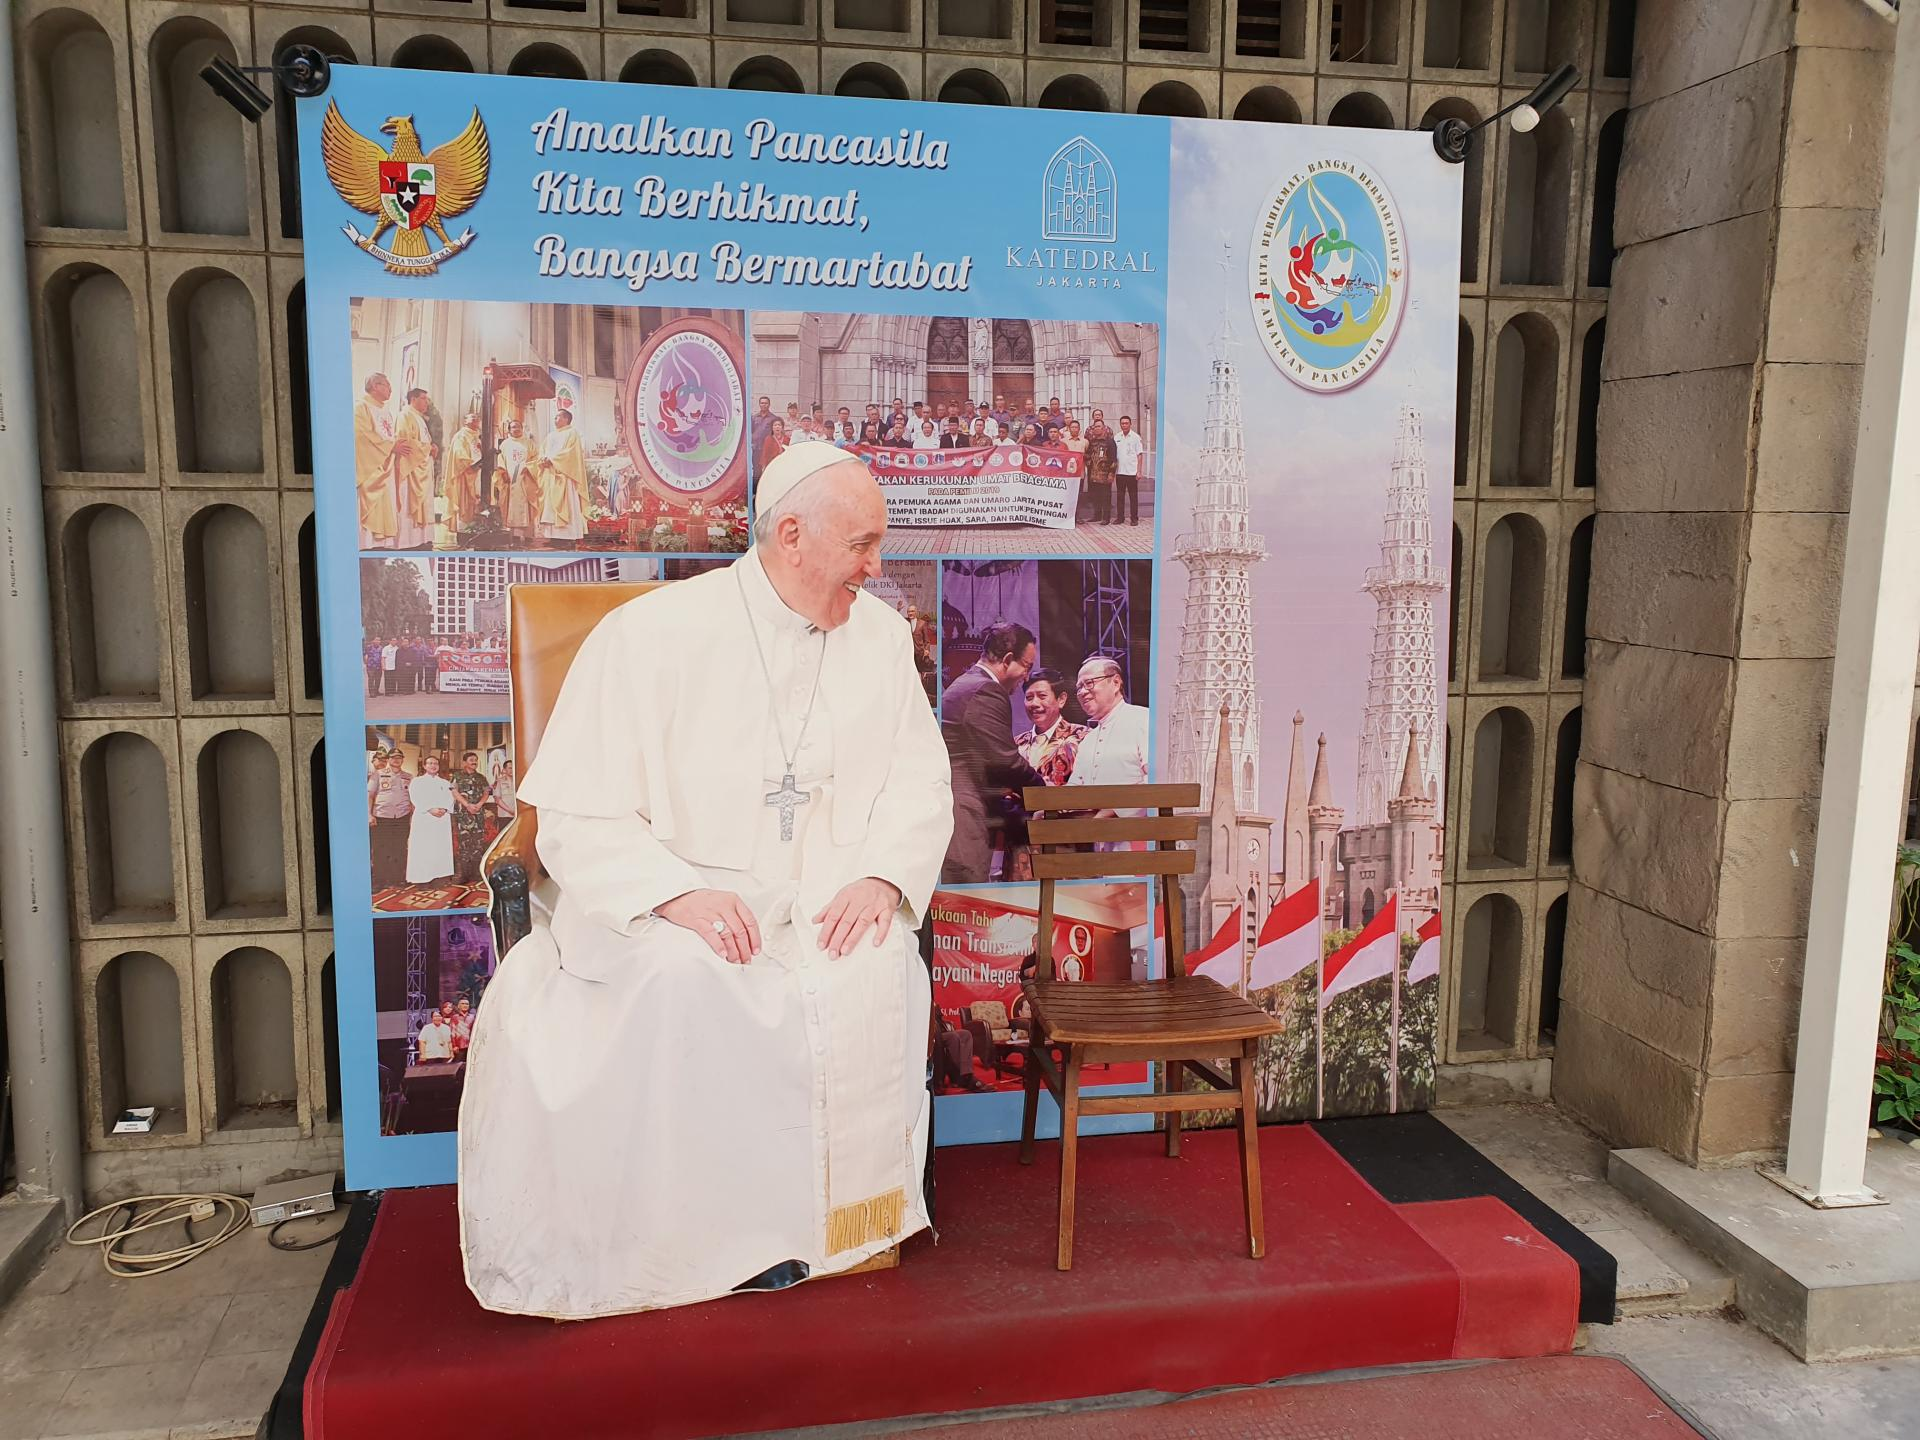 картонный Папа Римский у кафедрального собора Джакарты